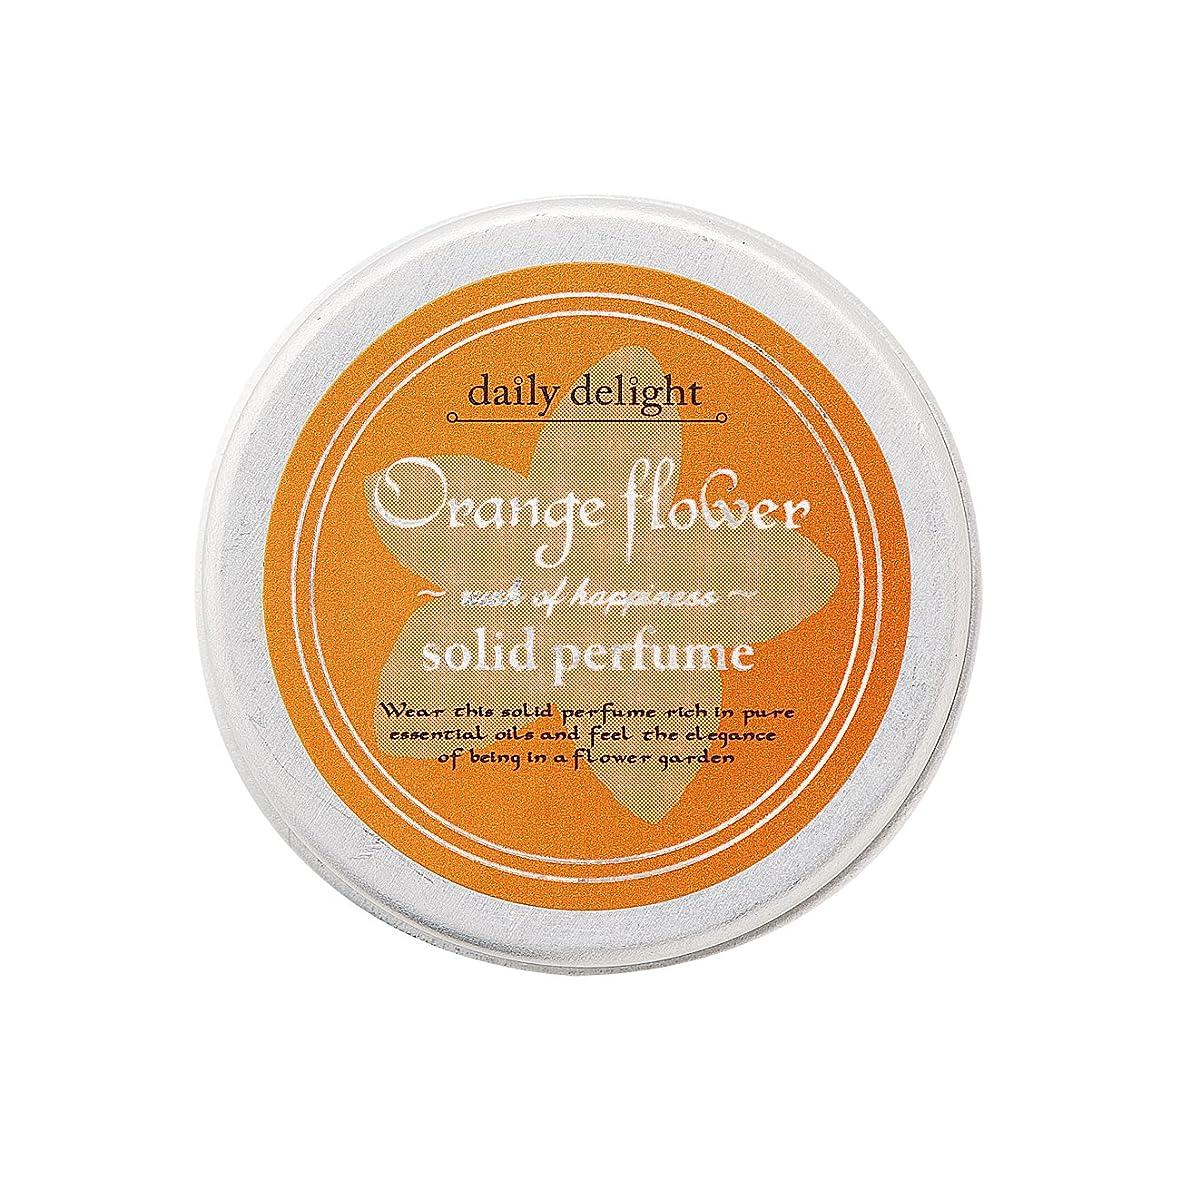 地味な与える懐デイリーディライト 練り香水 オレンジフラワー  10g(香水 携帯用 ソリッドパフューム アルコールフリー なつかしい甘さが残るオレンジフラワーの香り)